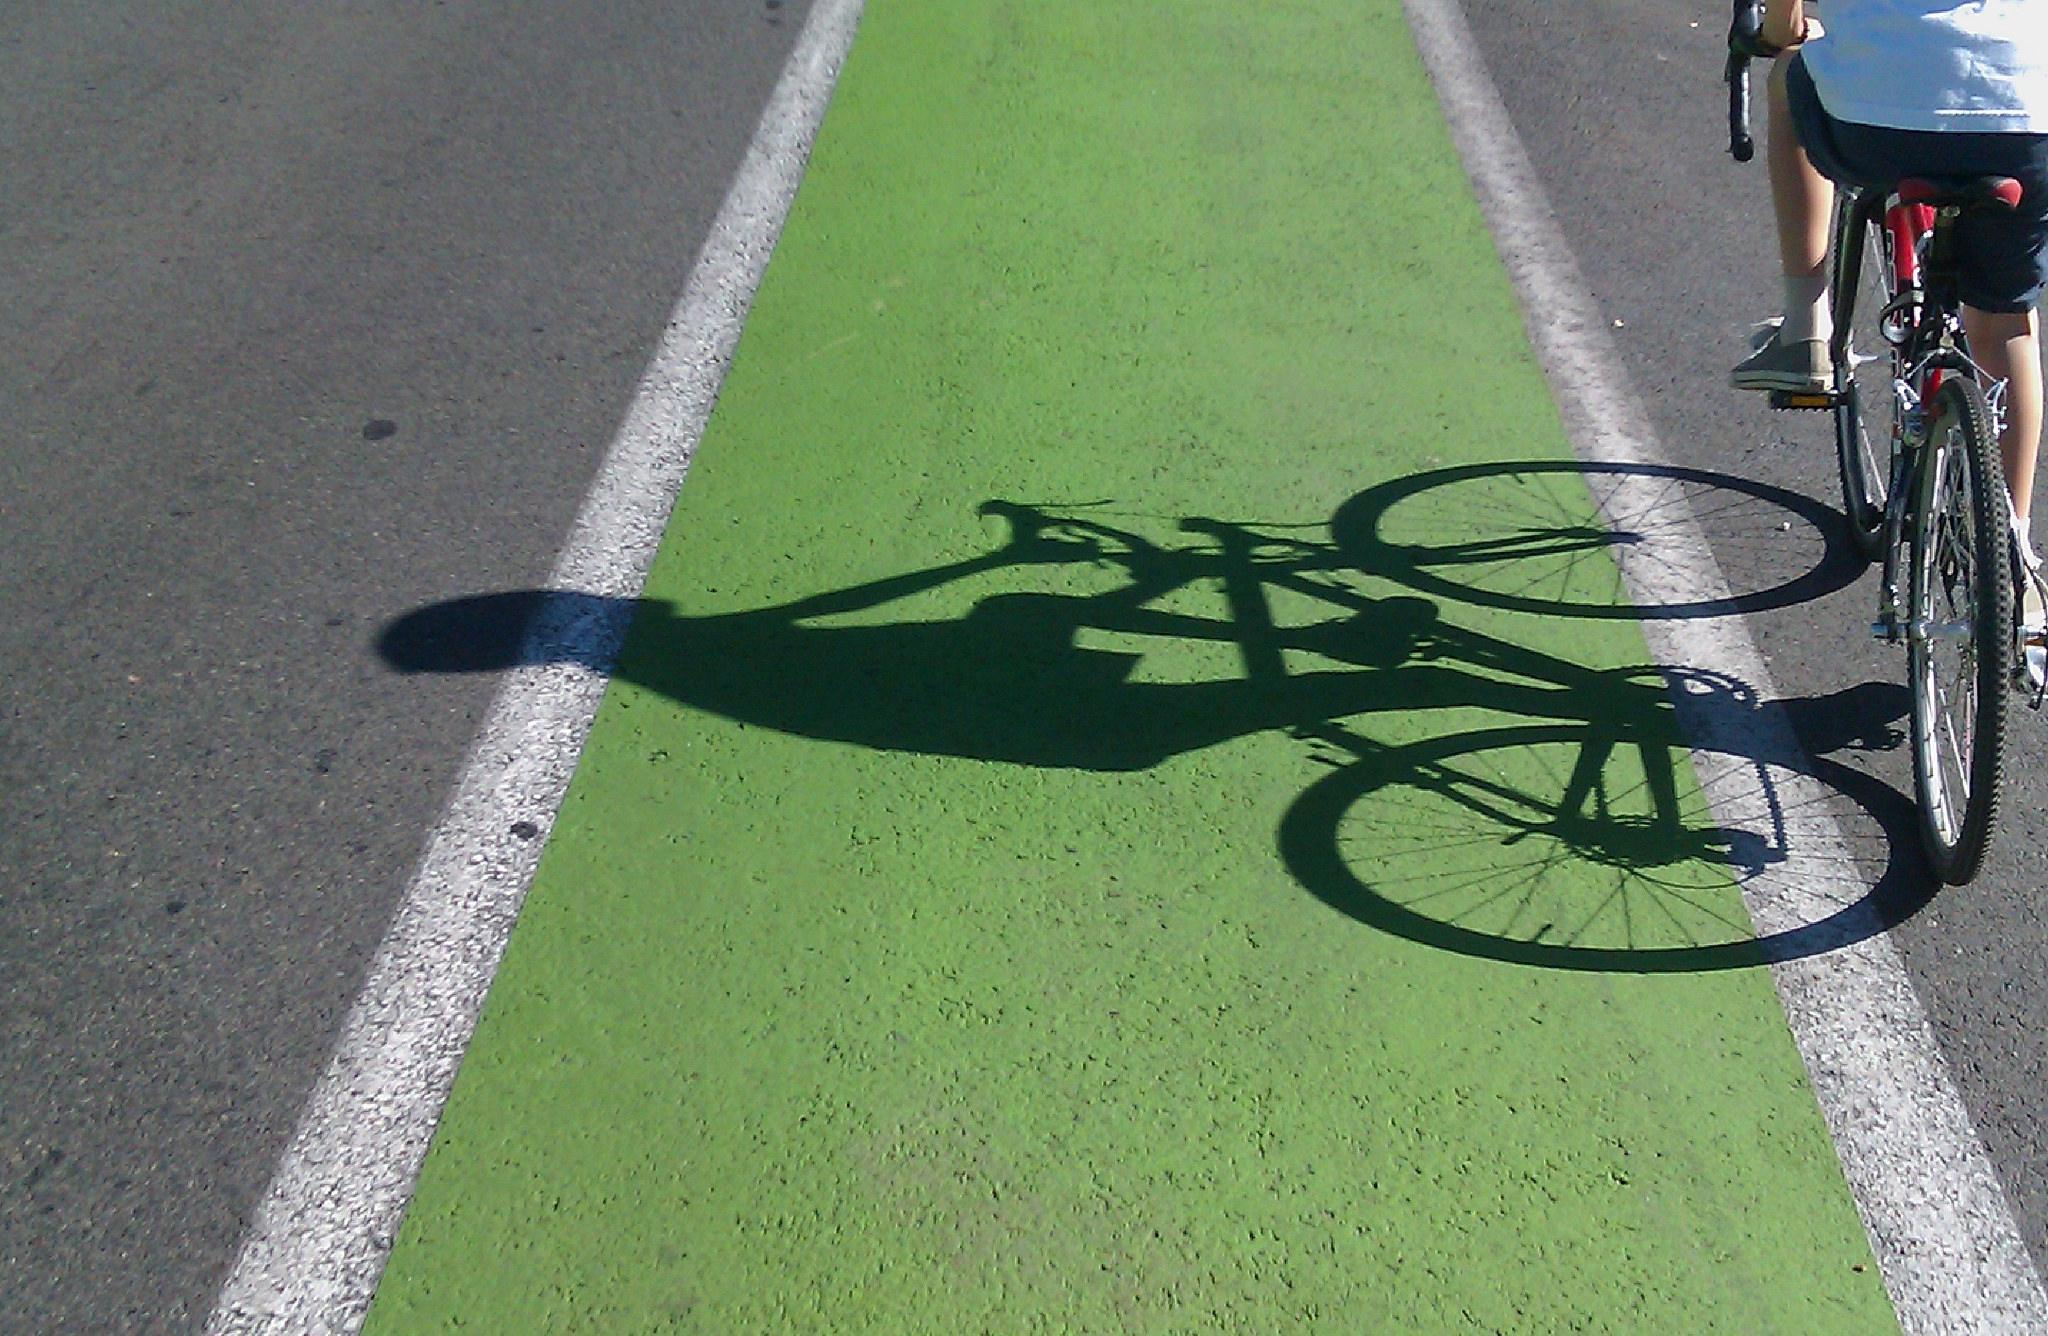 It will take more than bike lanes to make biking safe